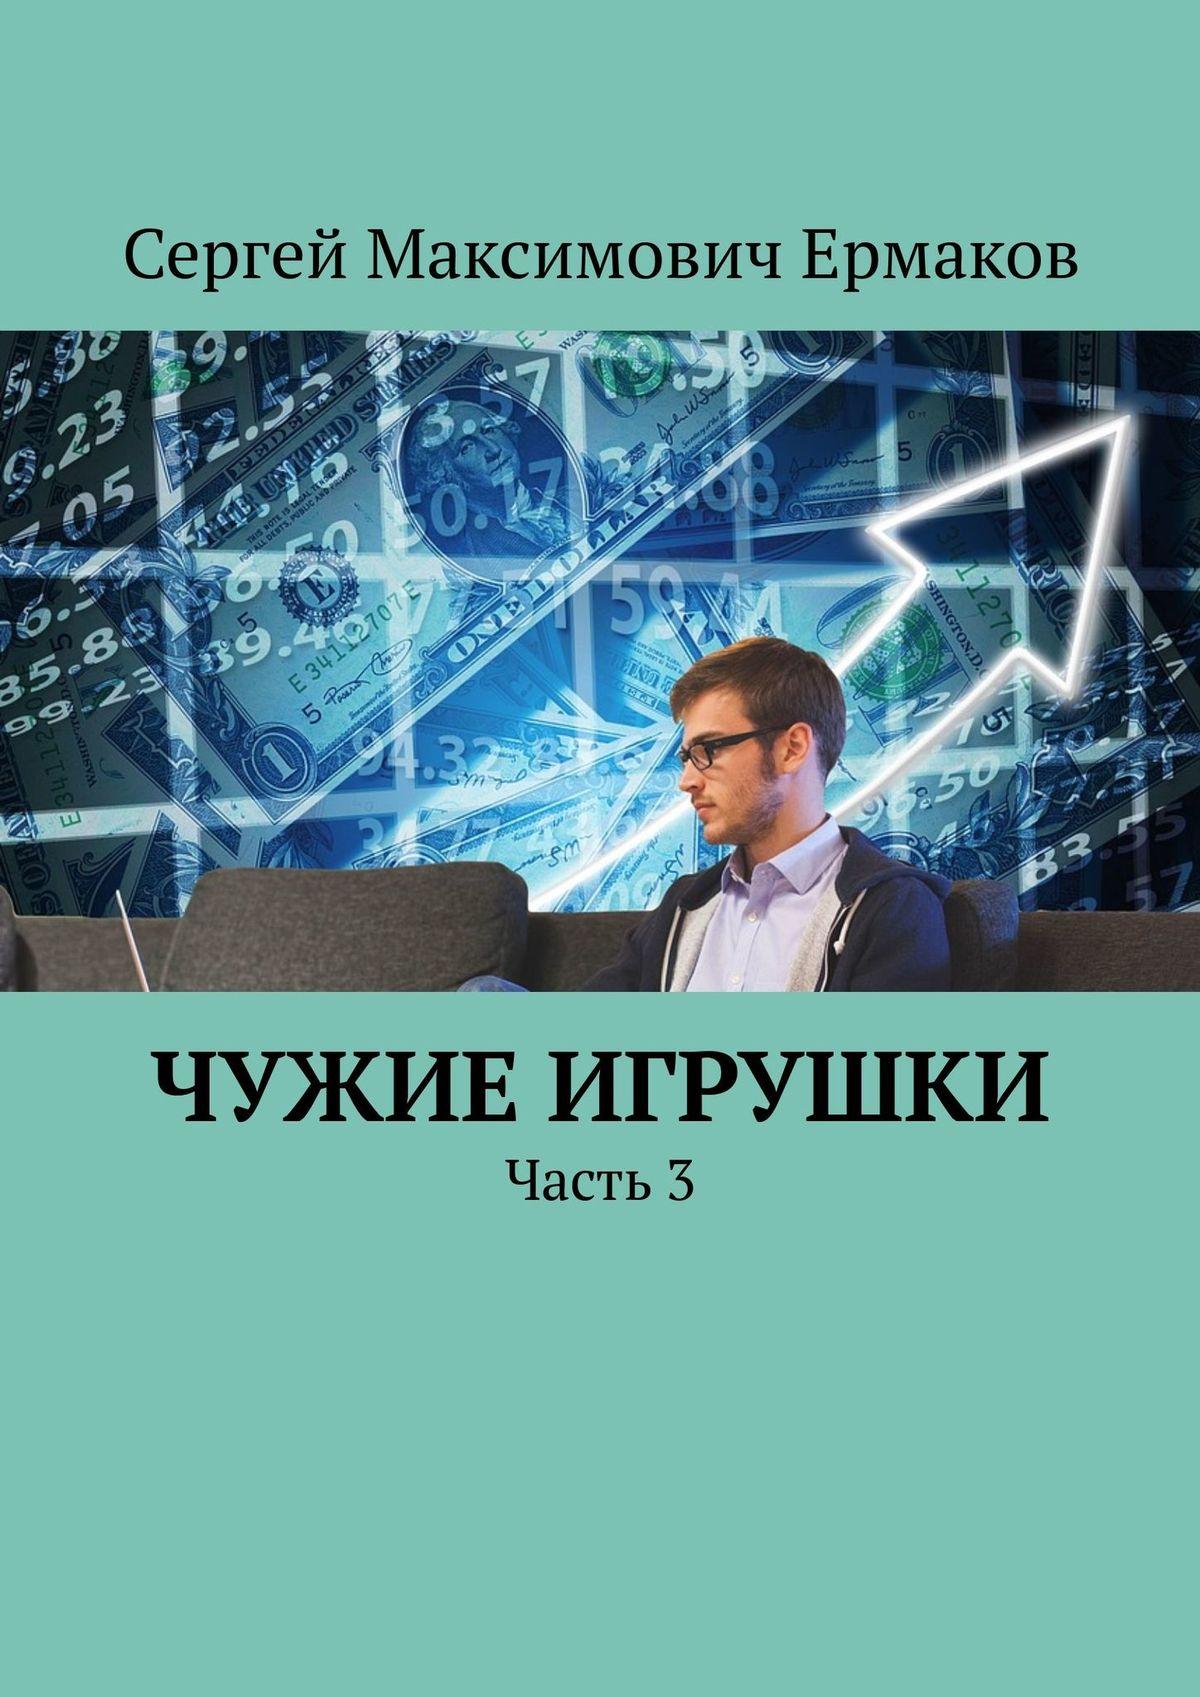 Сергей Максимович Ермаков Чужие игрушки. Часть3 свои и чужие